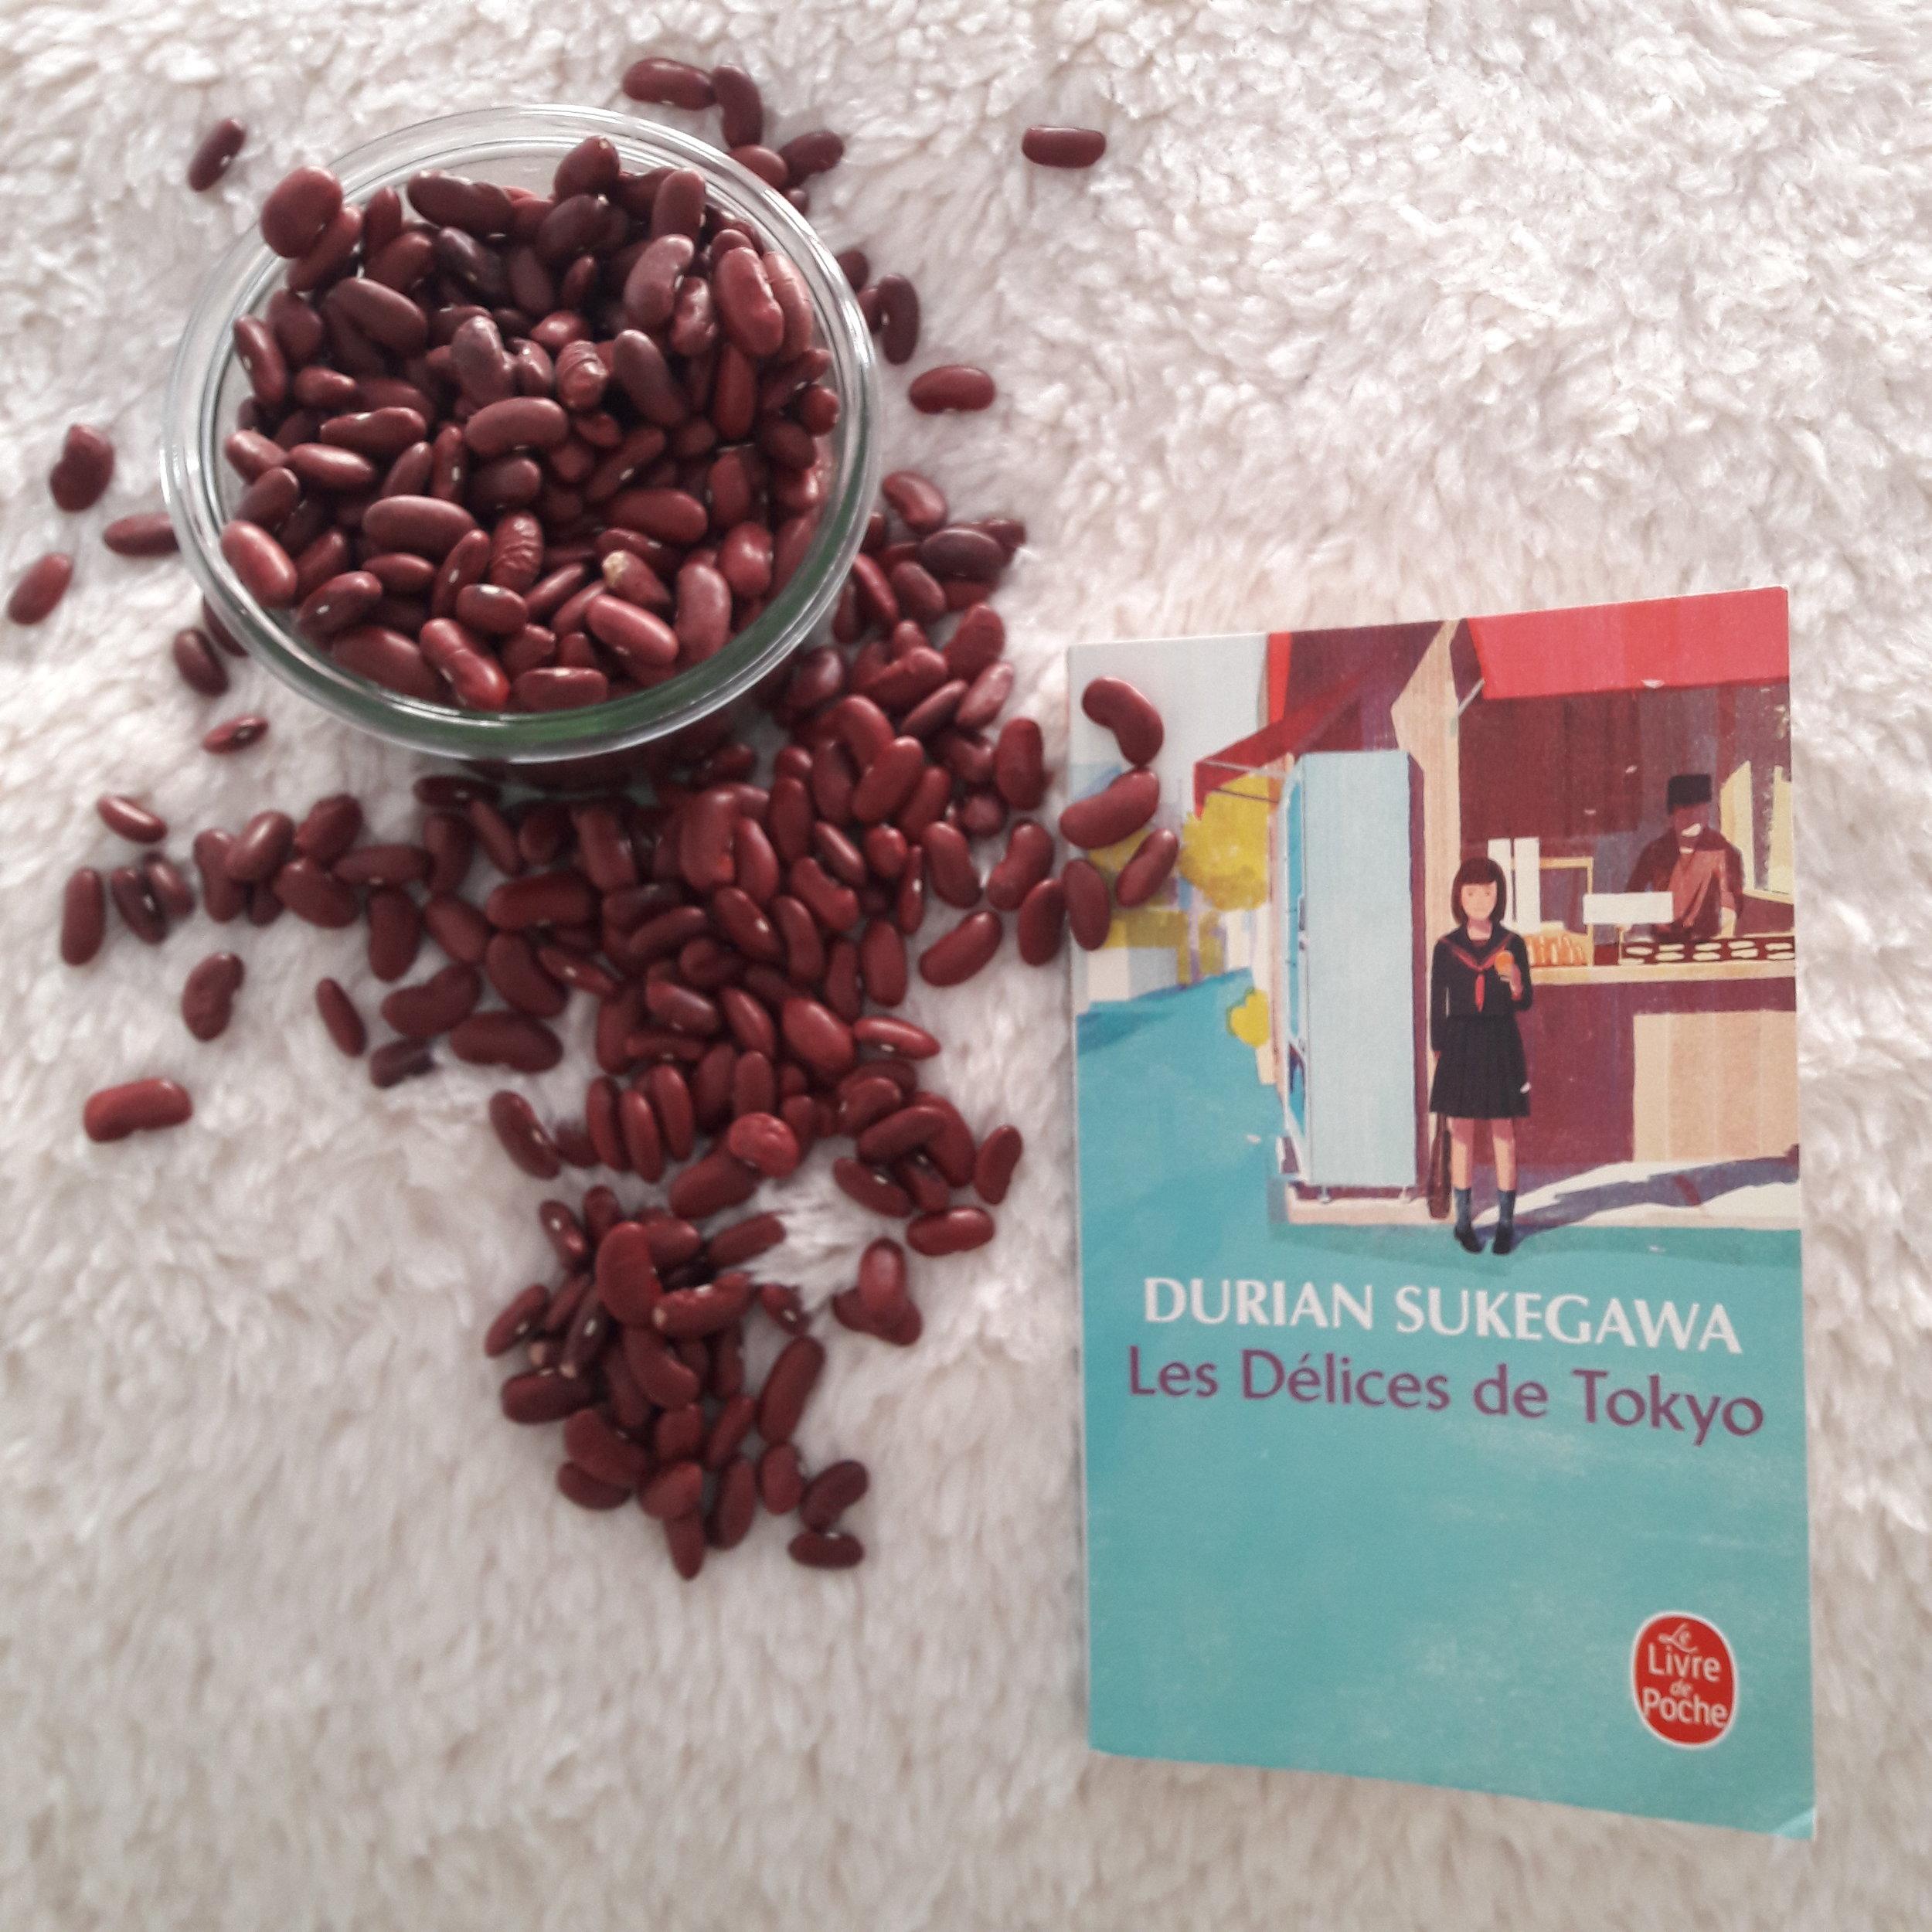 Durian Sukegawa, Le Livre de Poche, 2017